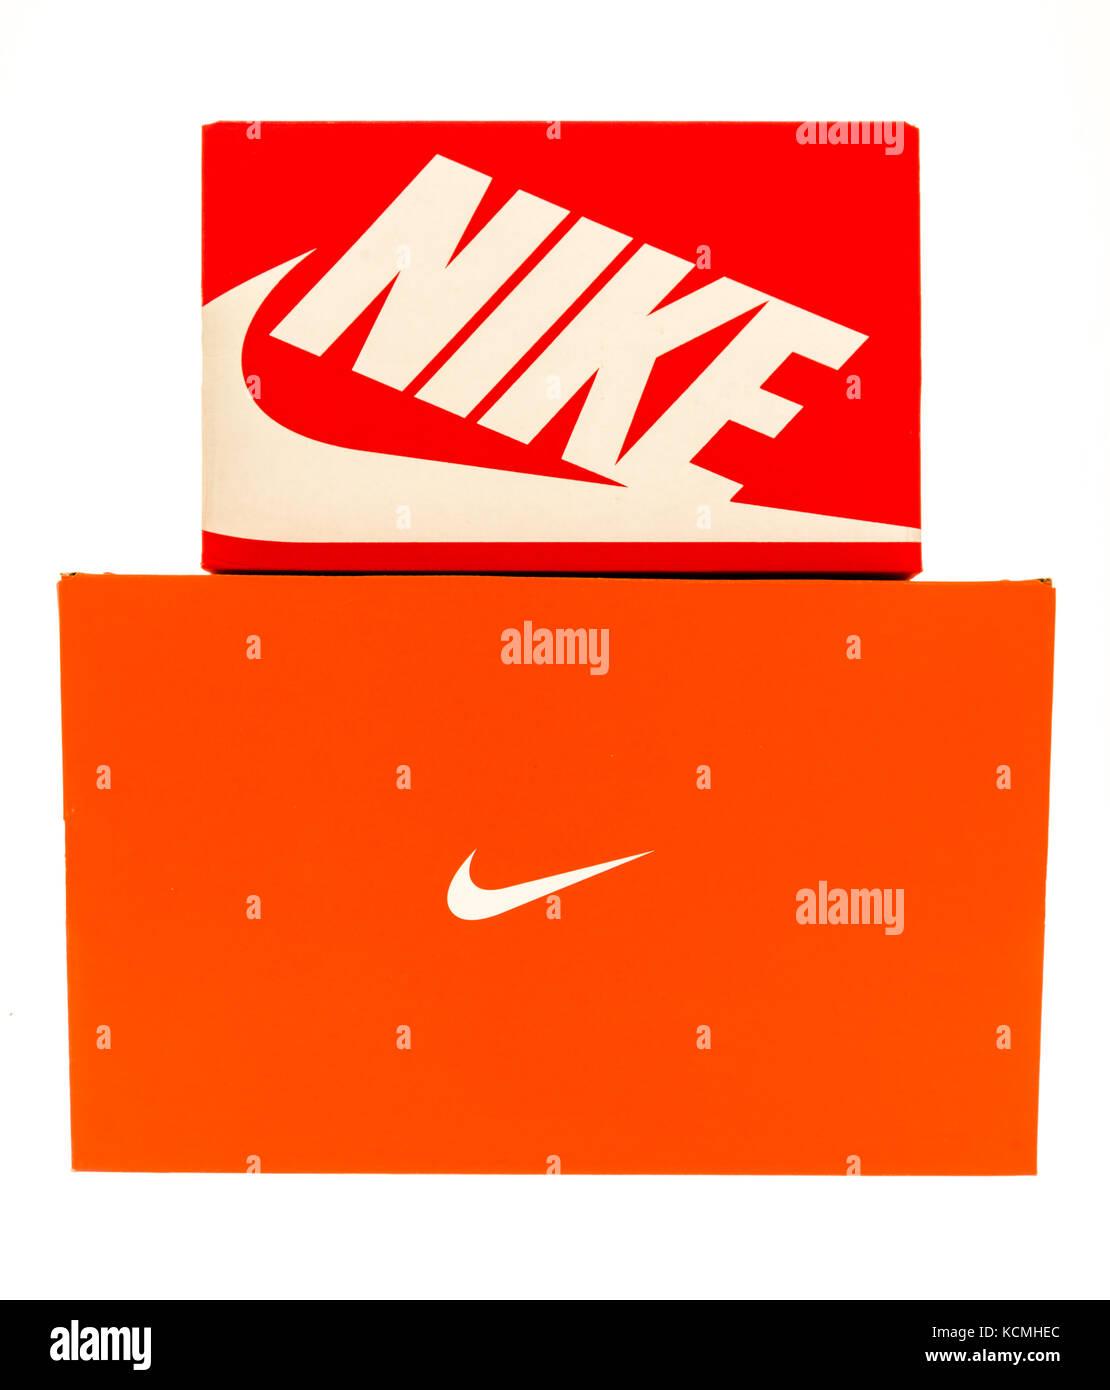 cuadro de zapatillas nike